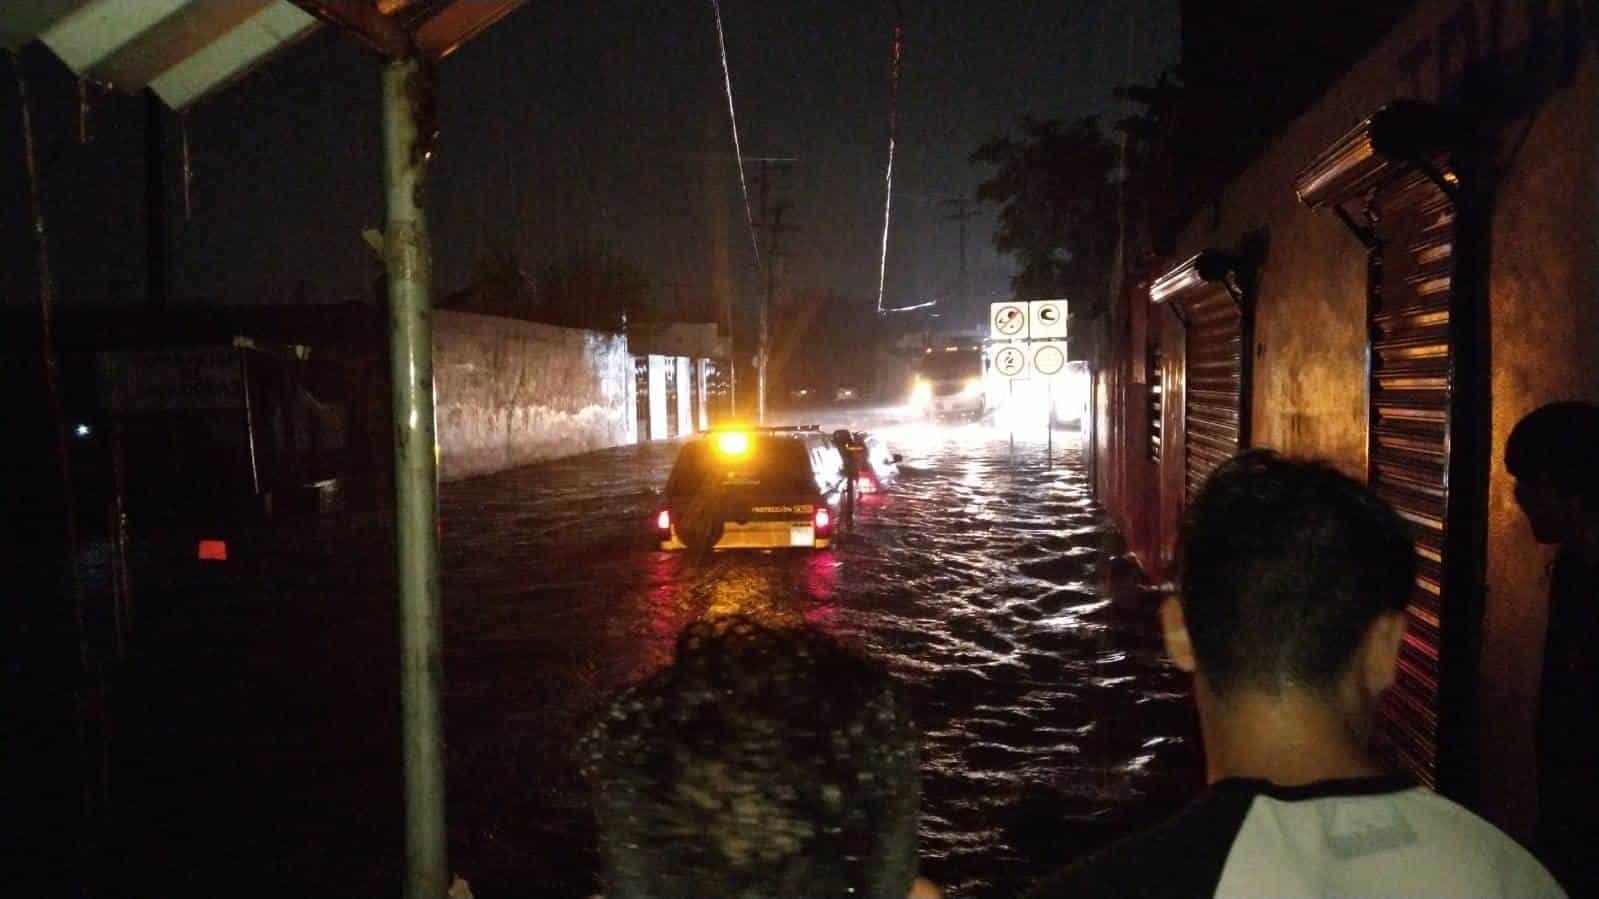 Protección Civil Nuevo León llevó a cabo un despliegue coordinada en el estado por lo que fue el primer sistema frontal de la temporada.